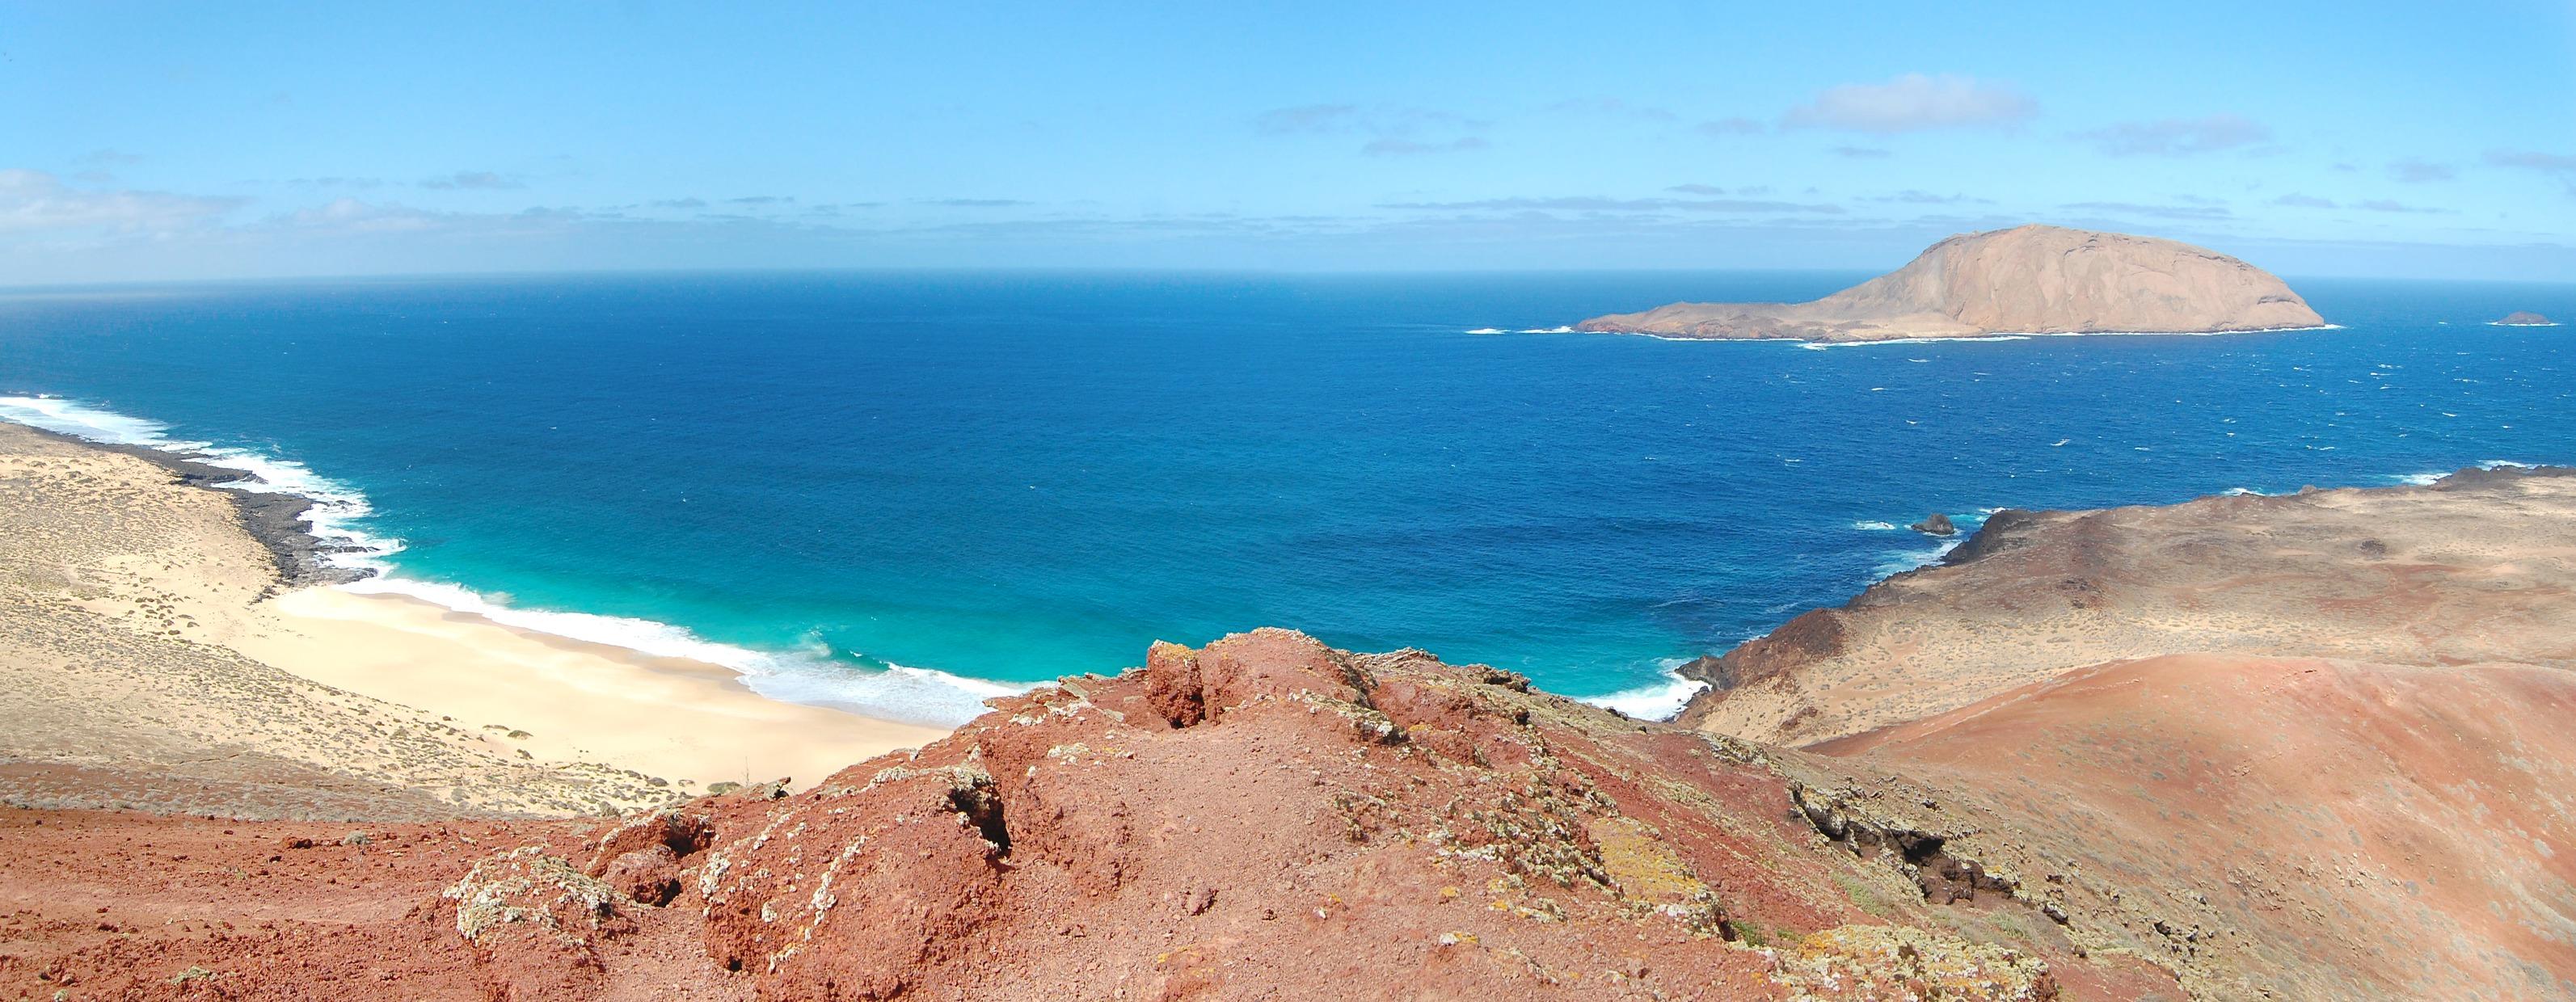 Playa de las Conchas y Montaña Blanca desde Montaña Bermeja.jpg